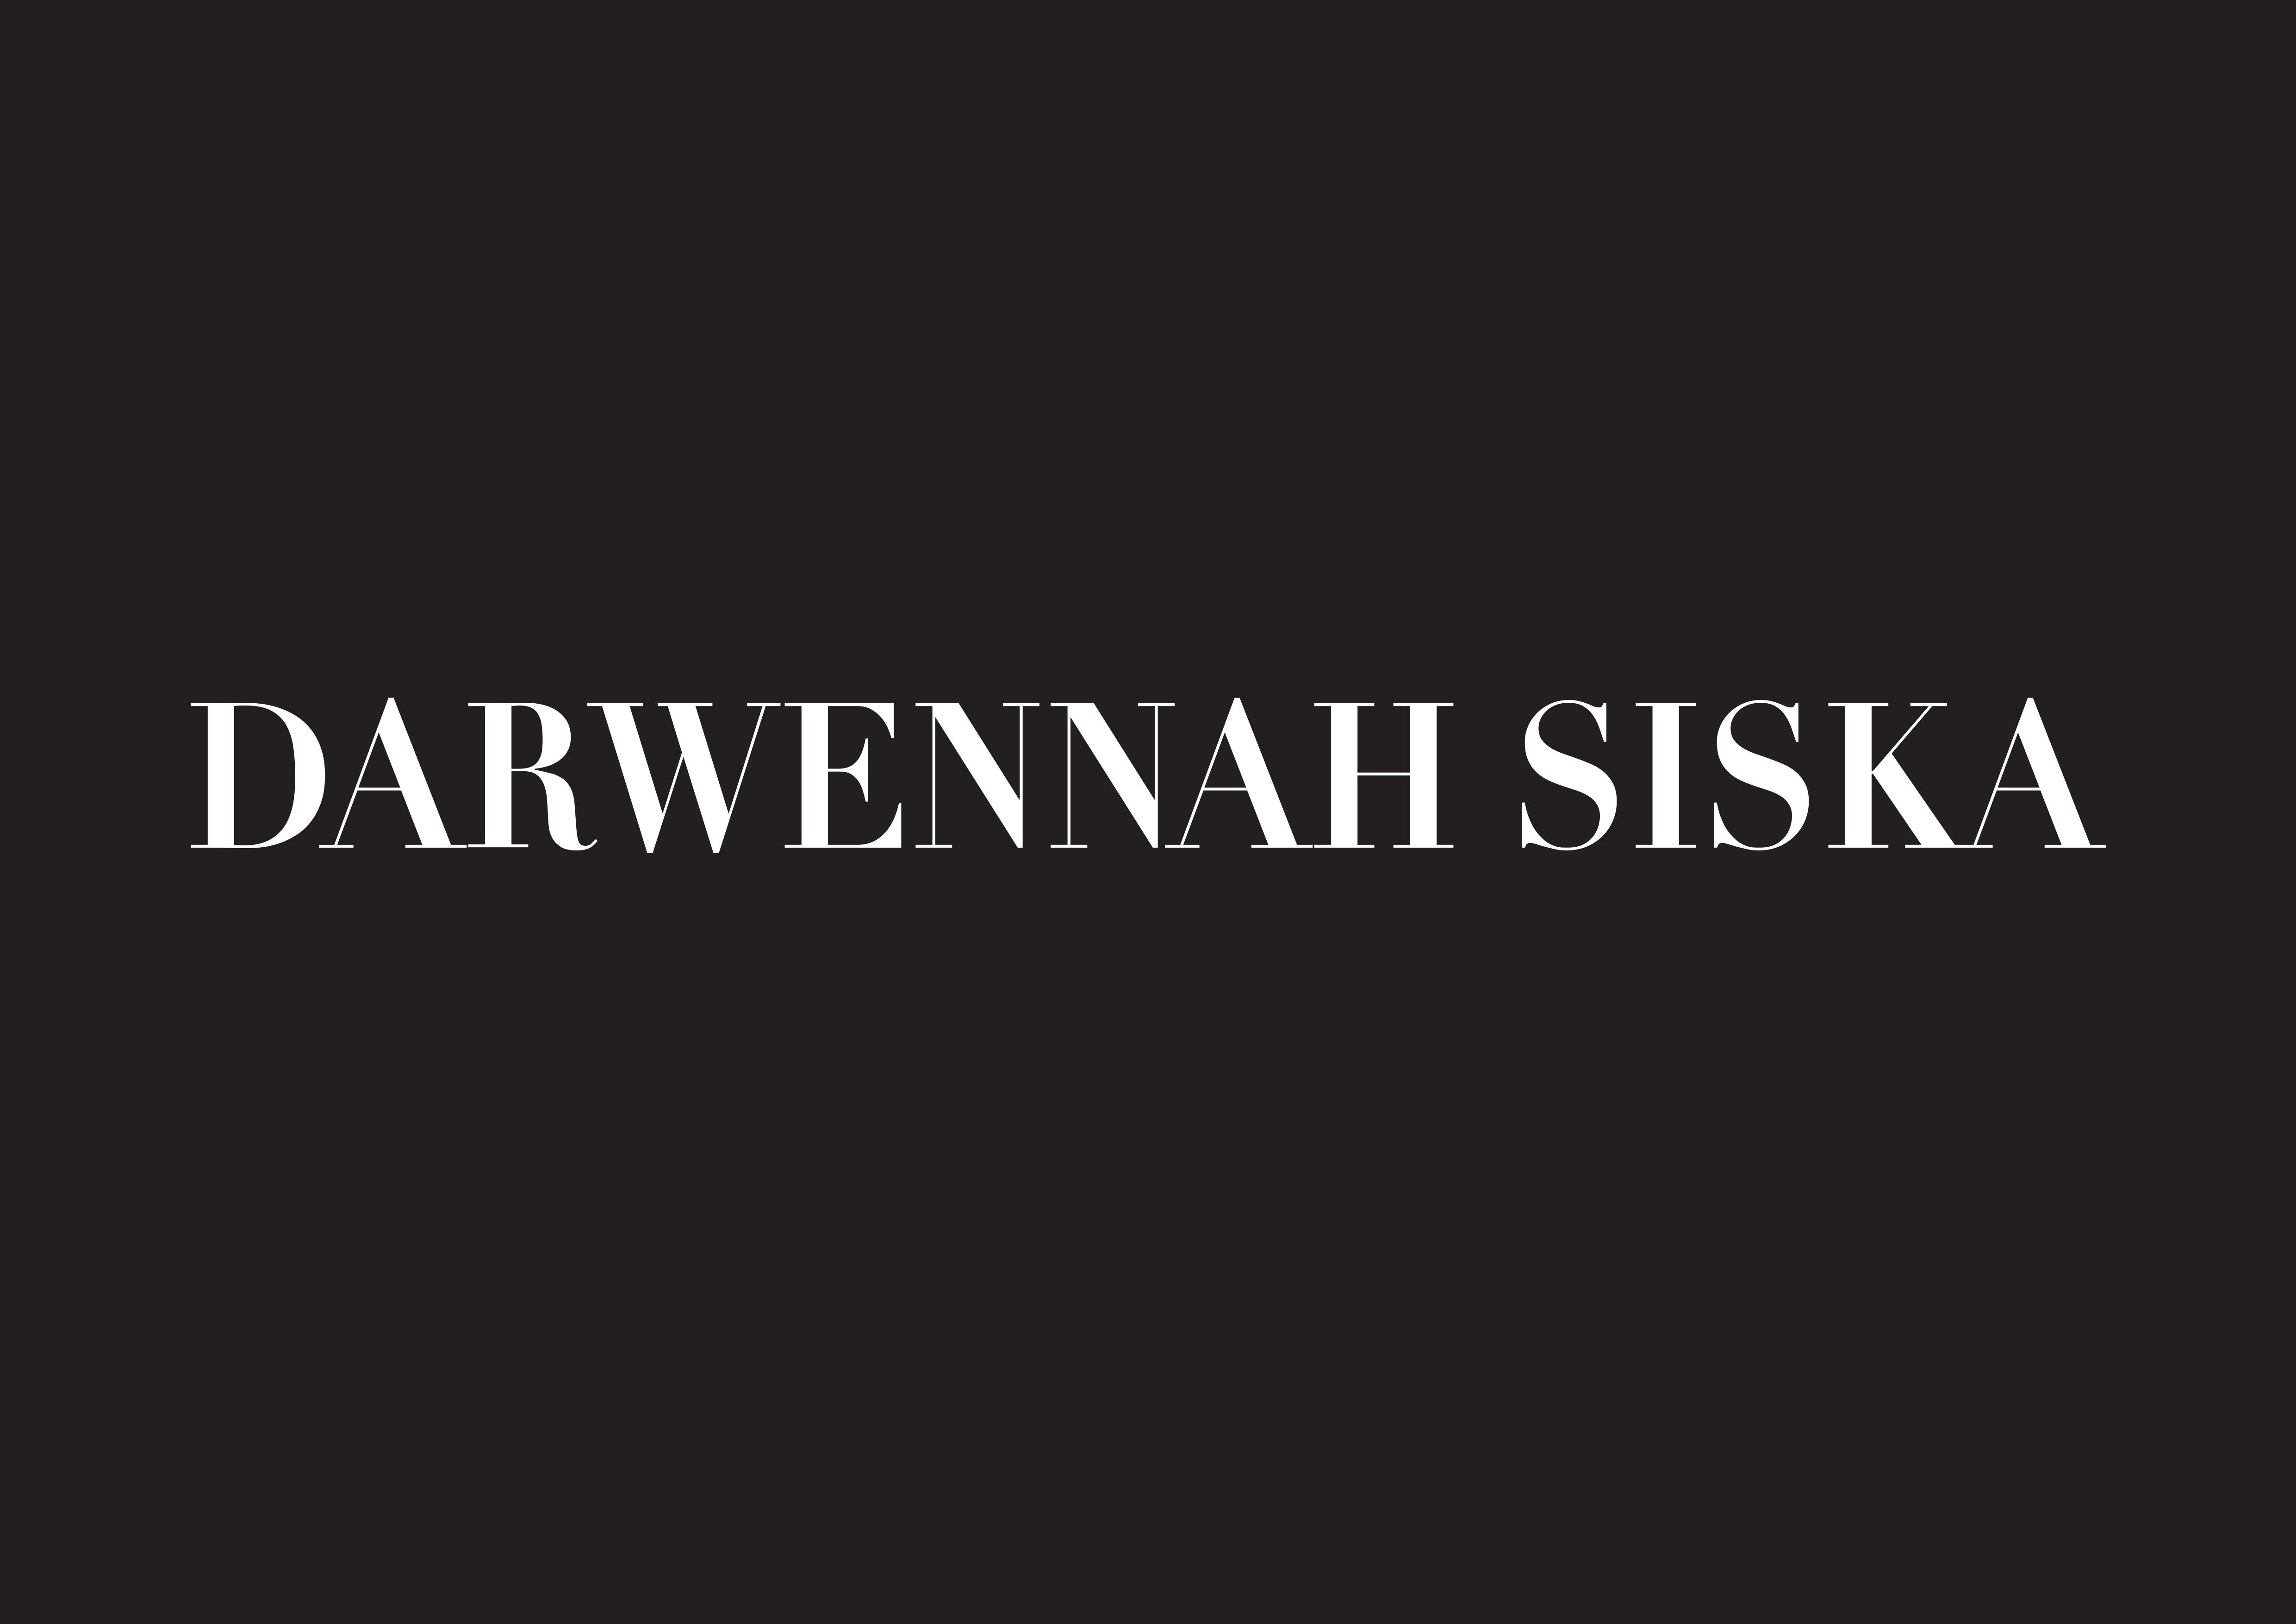 darweenah